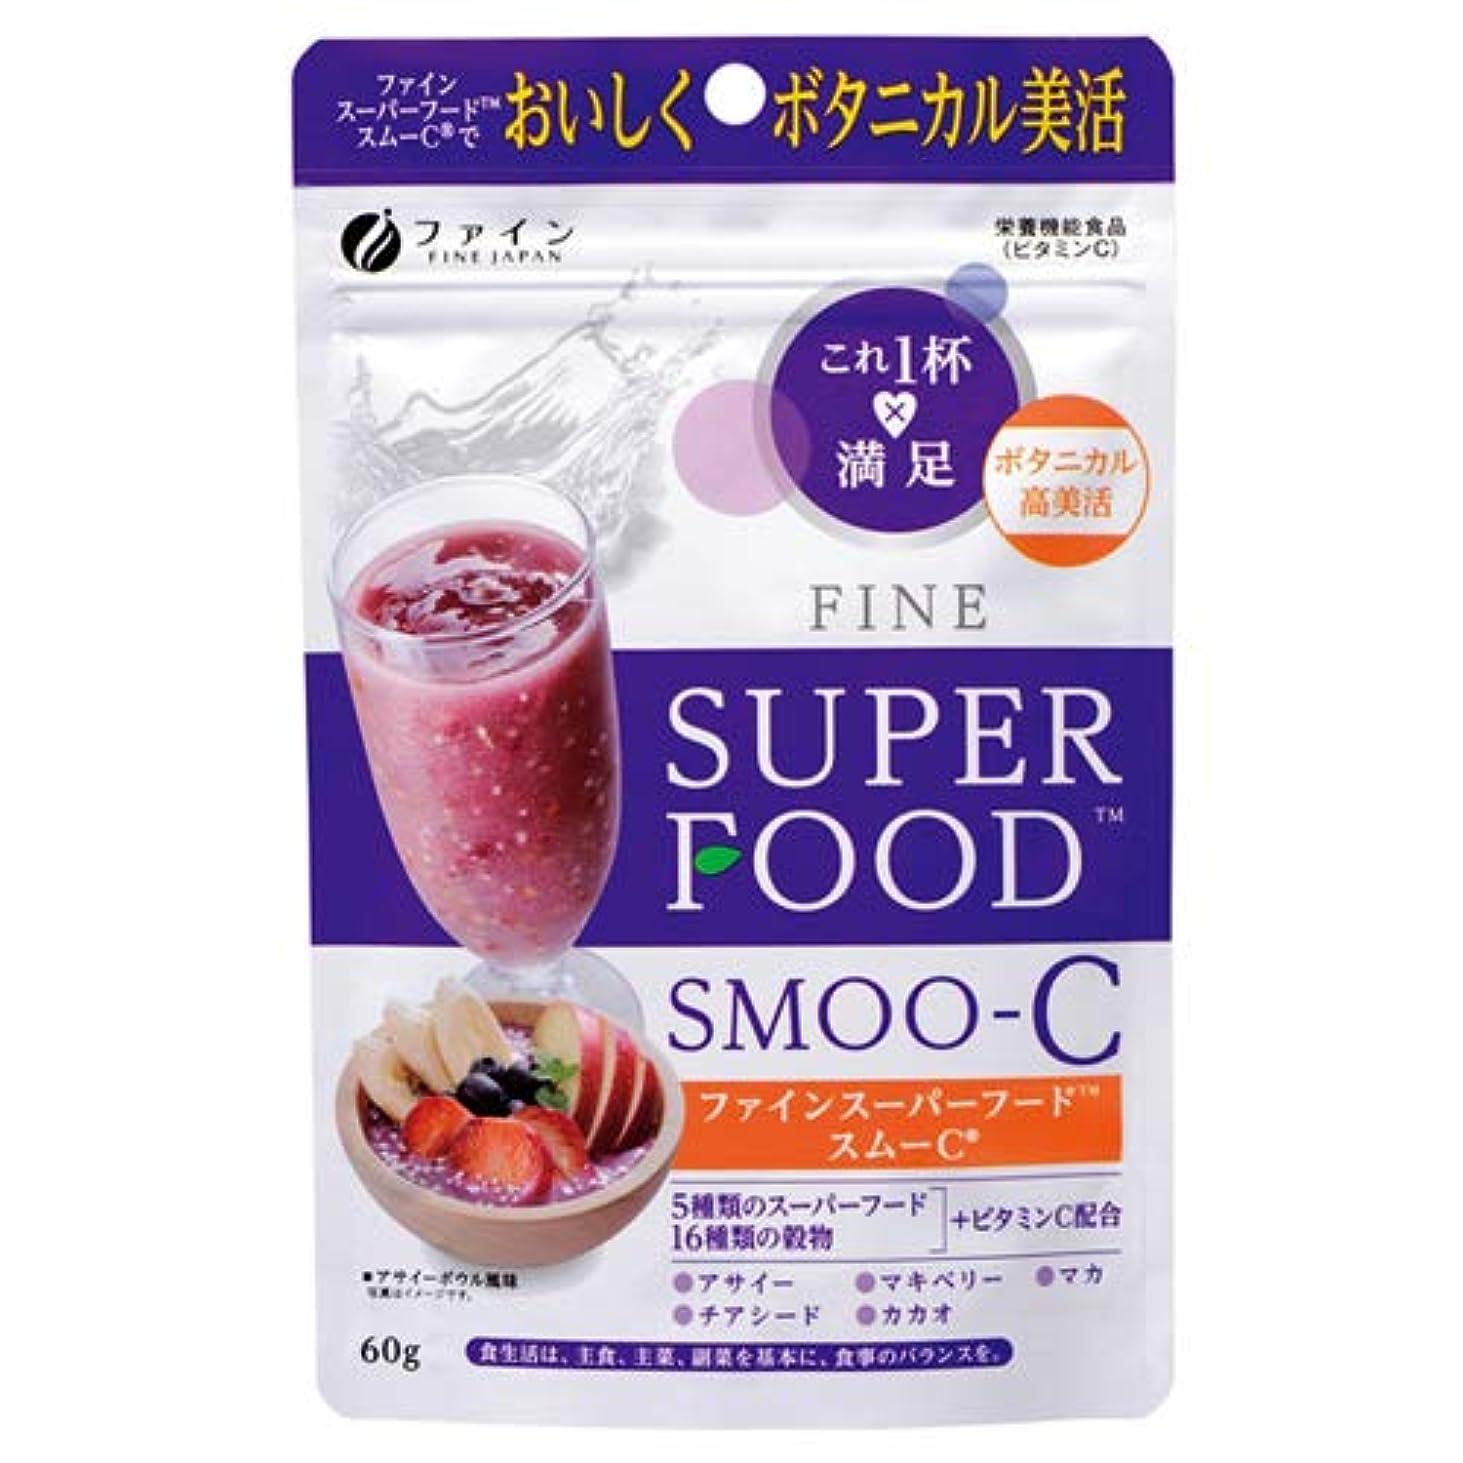 アラバマ時間会社ファイン スーパーフード スムーC 60g 【2袋組】